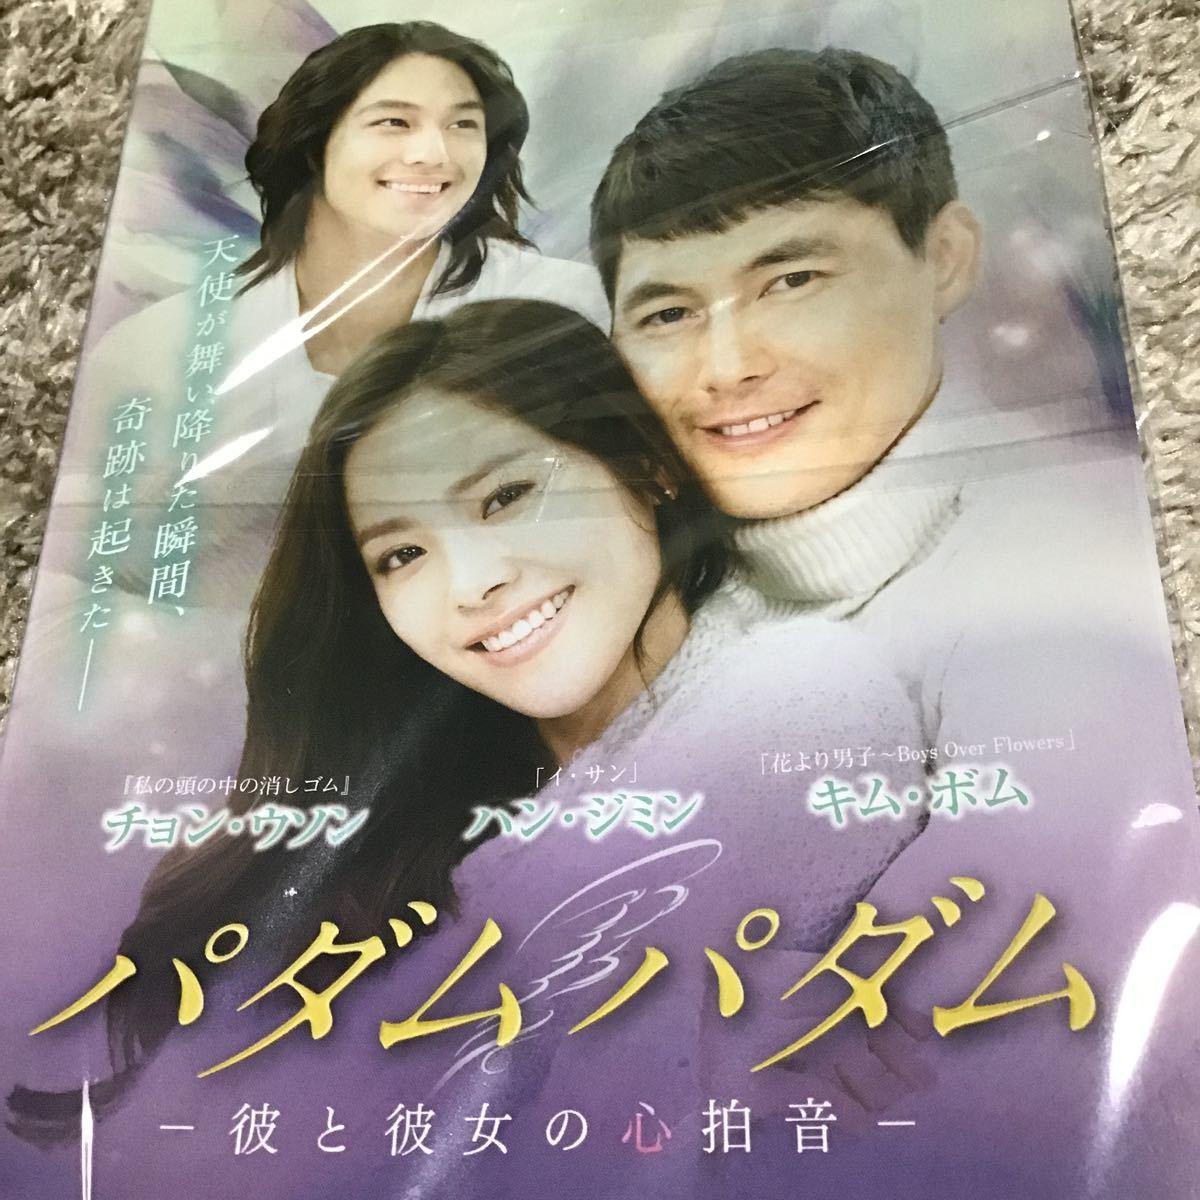 パダムパダム ★彼と彼女の心拍音 ★全巻DVD 韓国ドラマ★レンタル落ち